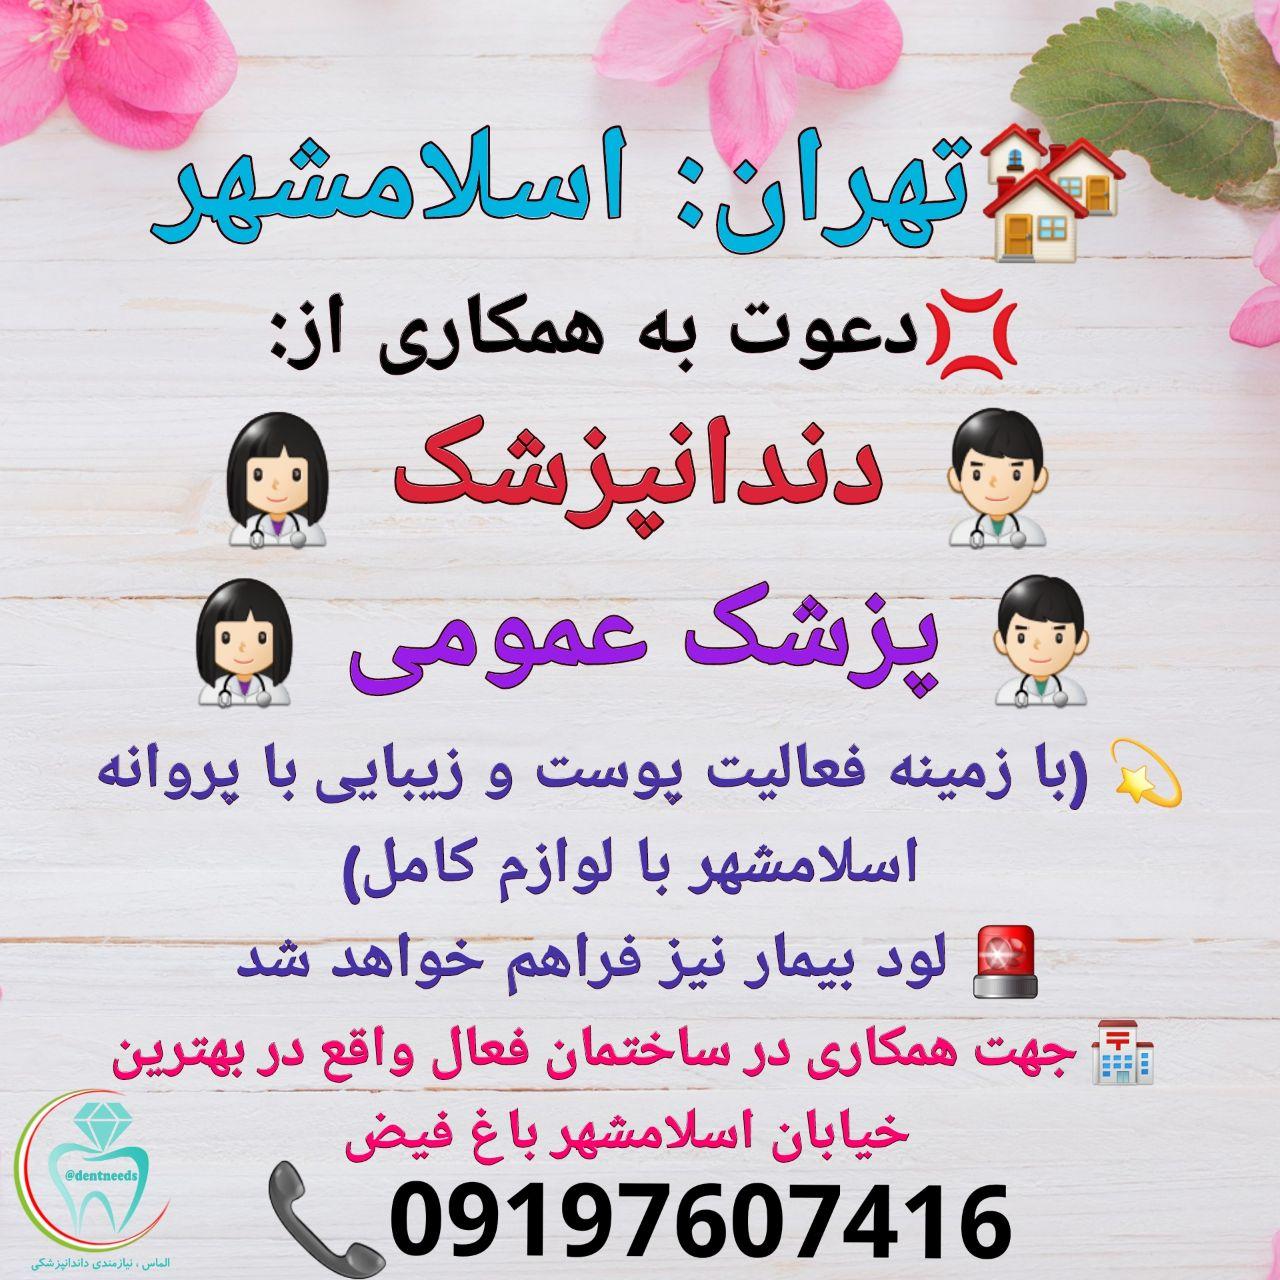 تهران: اسلامشهر، دعوت به همکاری از دندانپزشک، پزشک عمومی